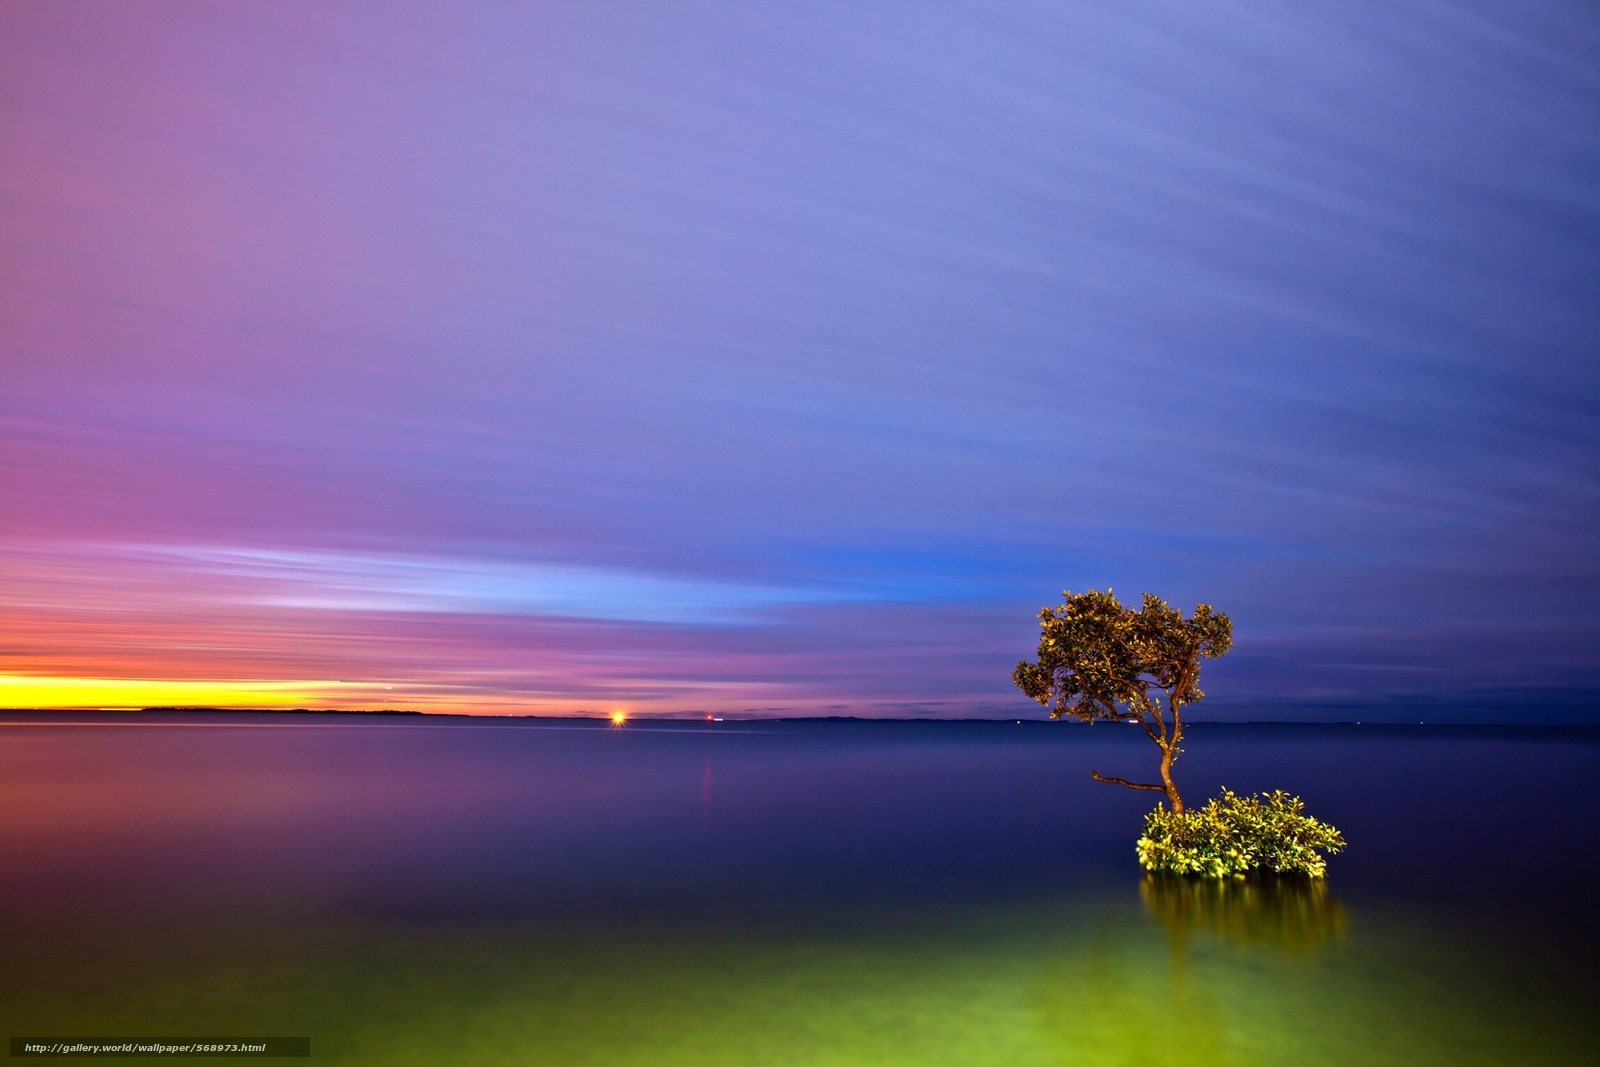 Tlcharger Fond d'ecran coucher du soleil,  lac,  arbre solitaire Fonds d'ecran gratuits pour votre rsolution du bureau 2304x1536 — image №568973